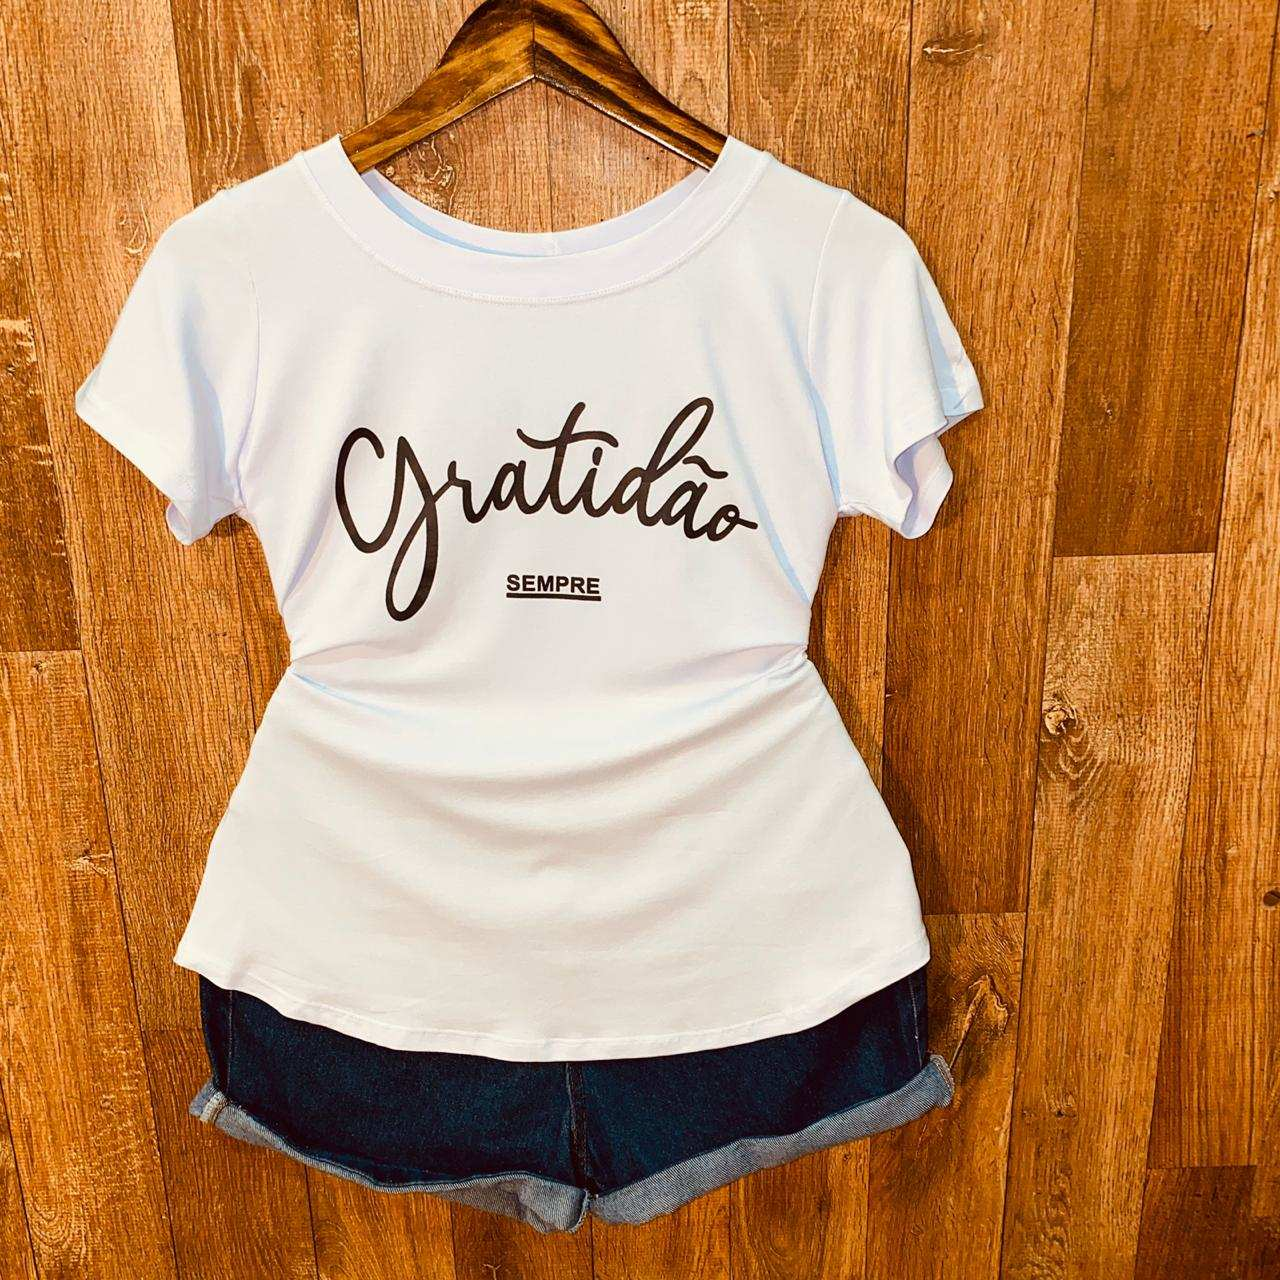 T-shirt Gratidão Sempre